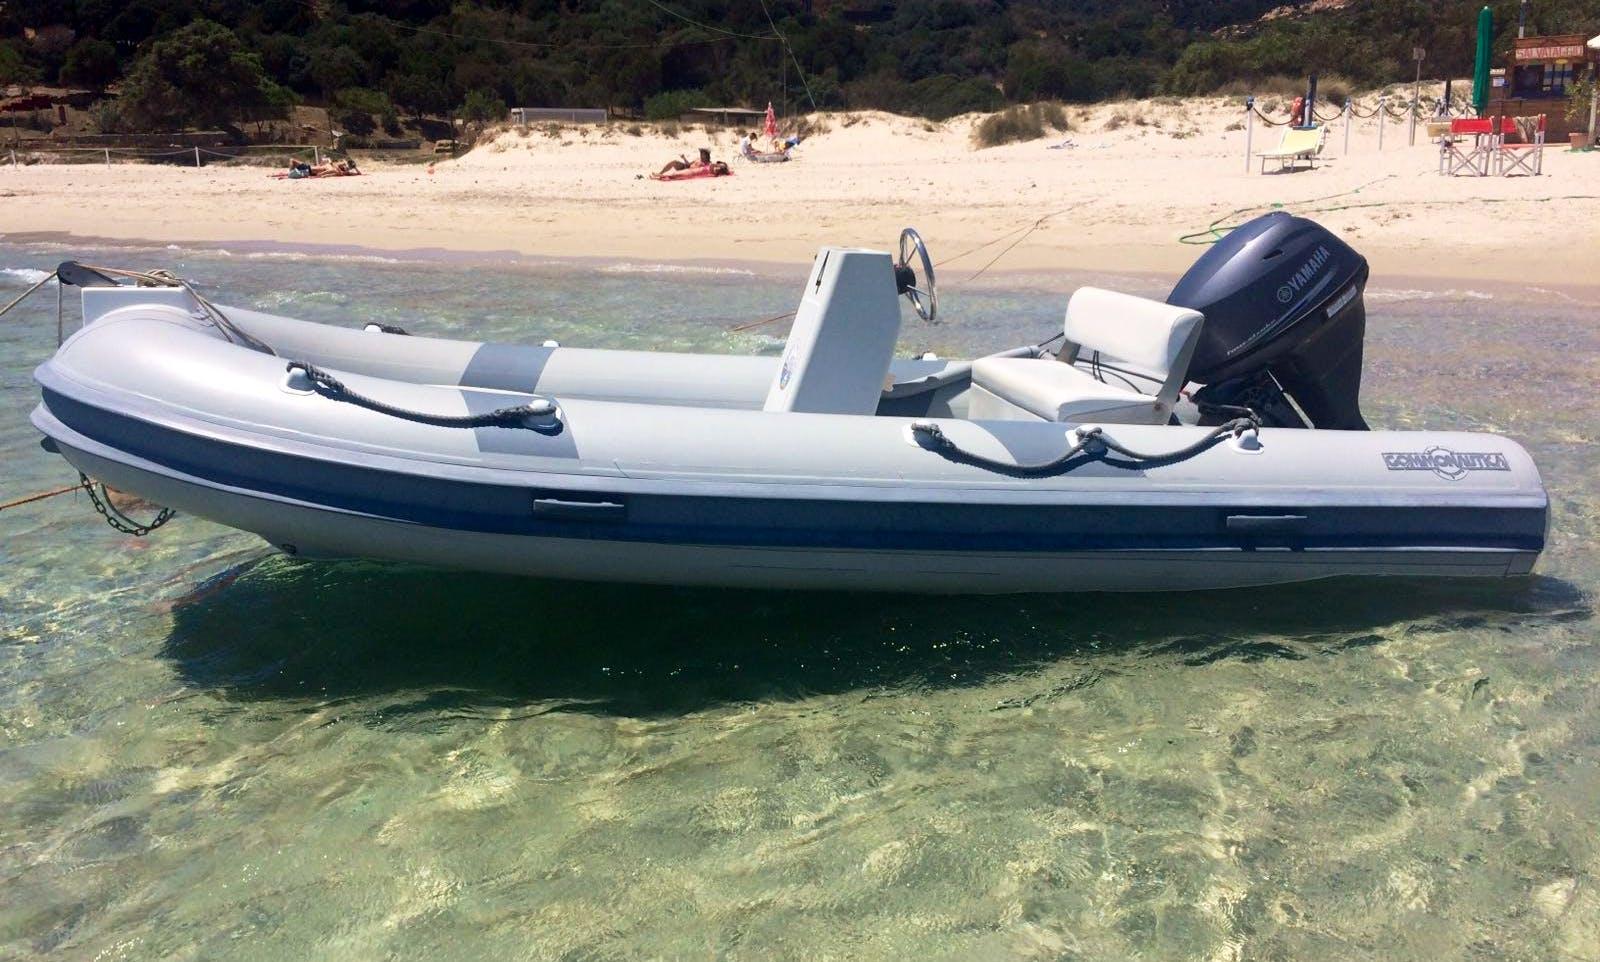 Rent 14' Gommonautica G43 Rigid Inflatable Boat in Teulada, Sardegna